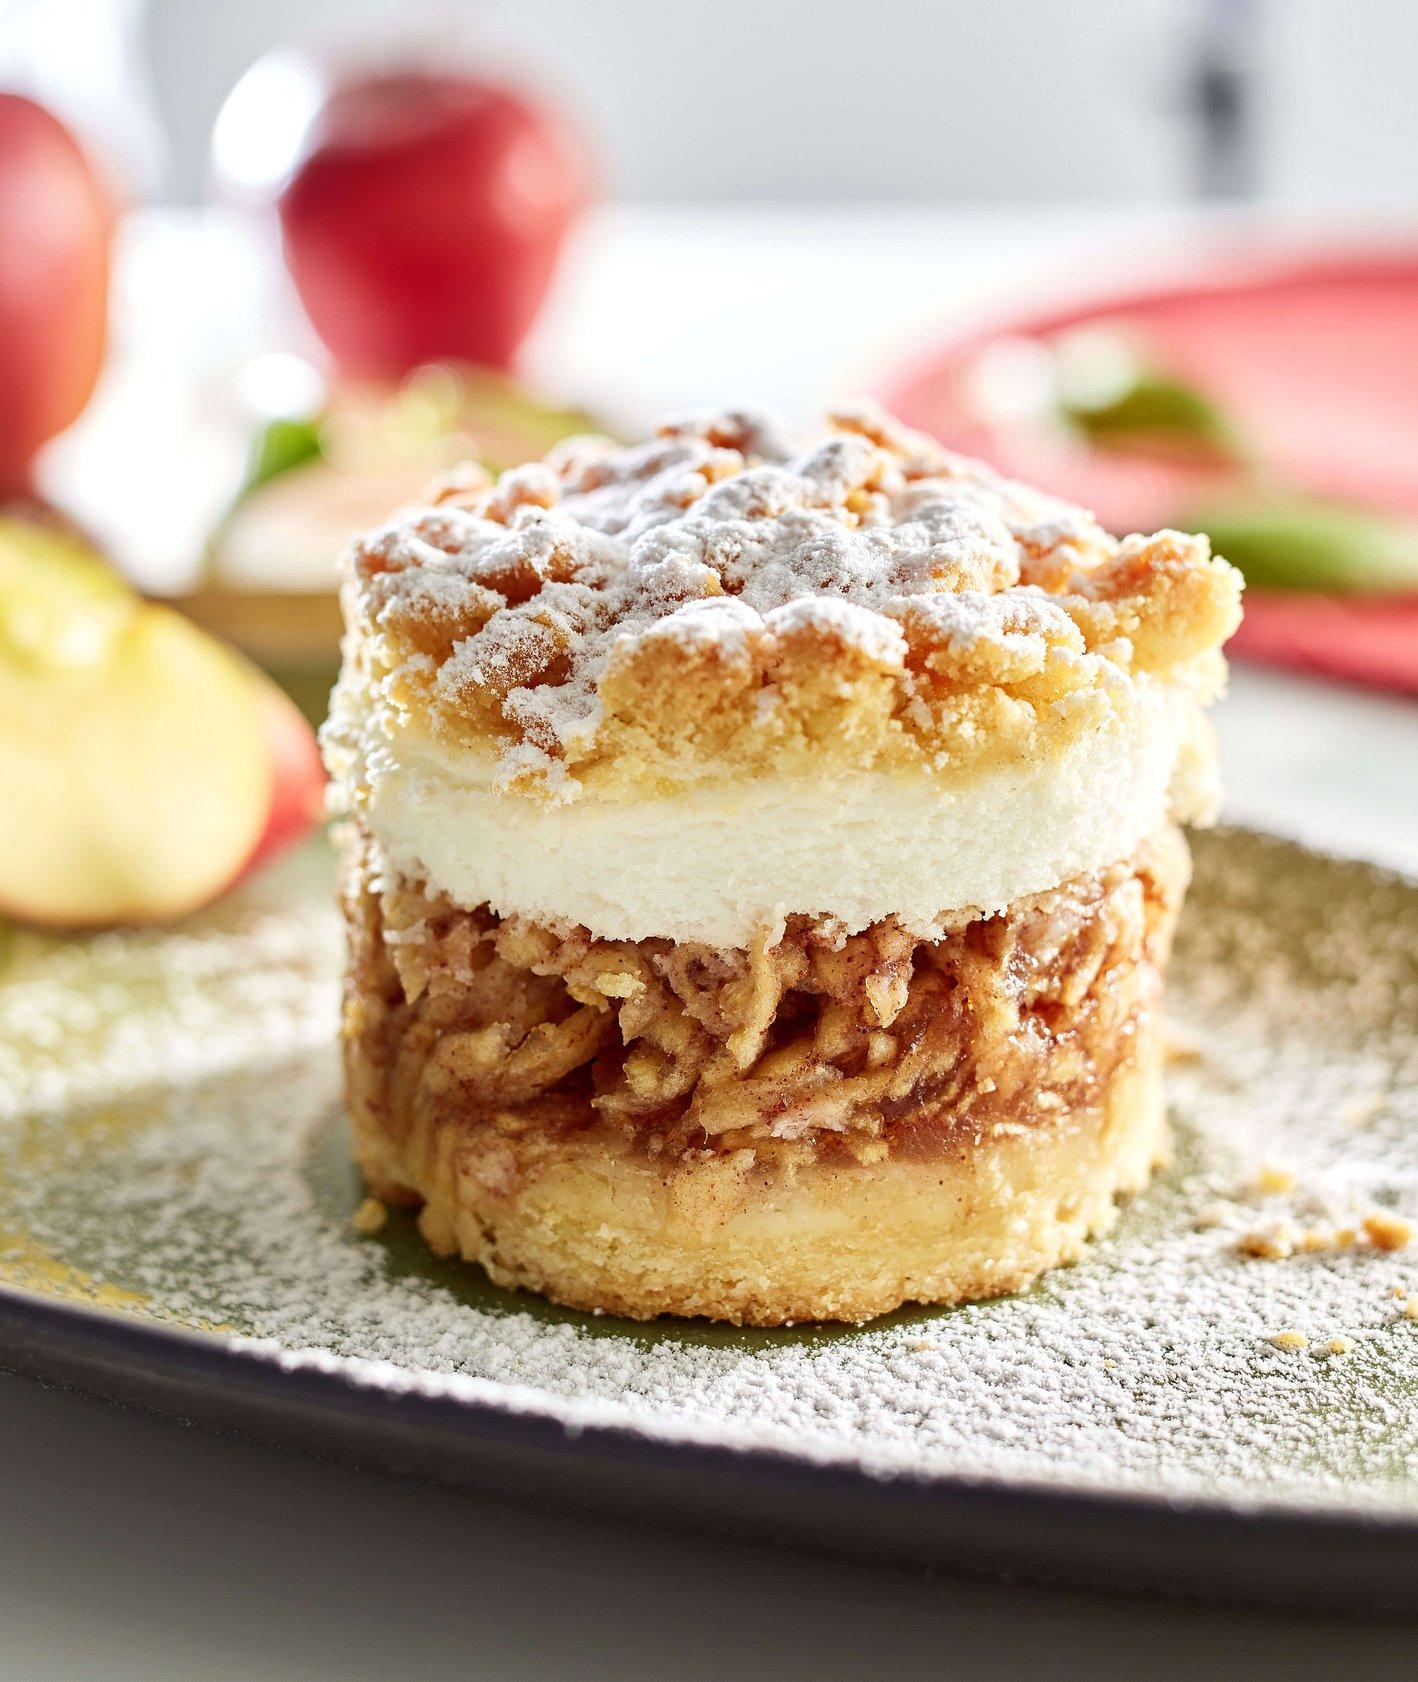 MAKRO – Kultowe smaki: jabłka pod kruszonką (fot. materiały prasowe)